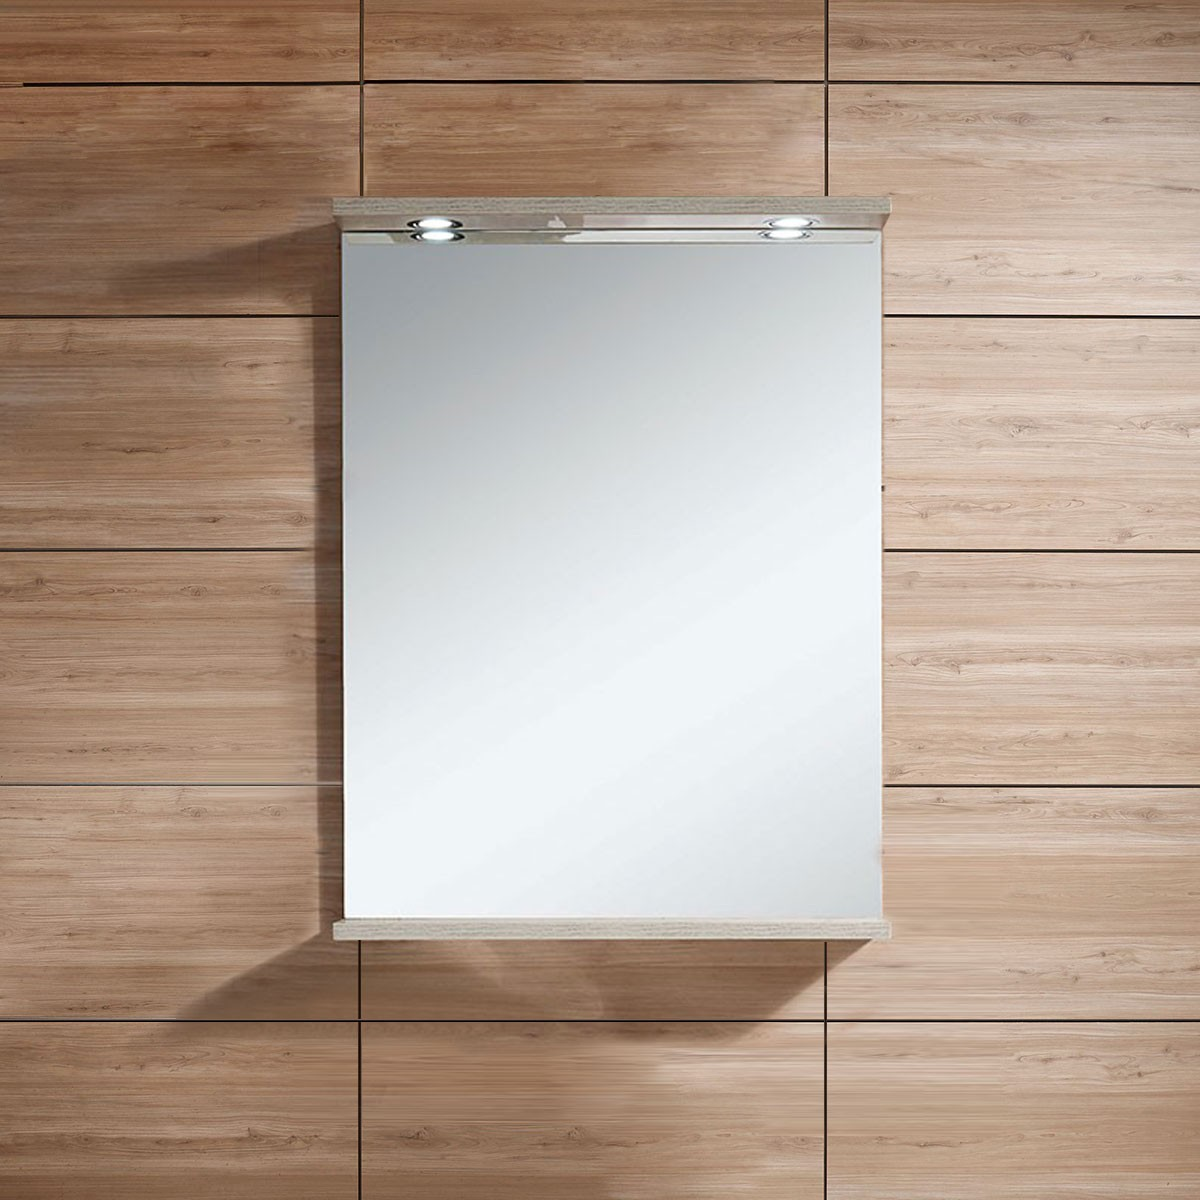 24 x 31 In. Bathroom Vanity Mirror (DK-603800-M)